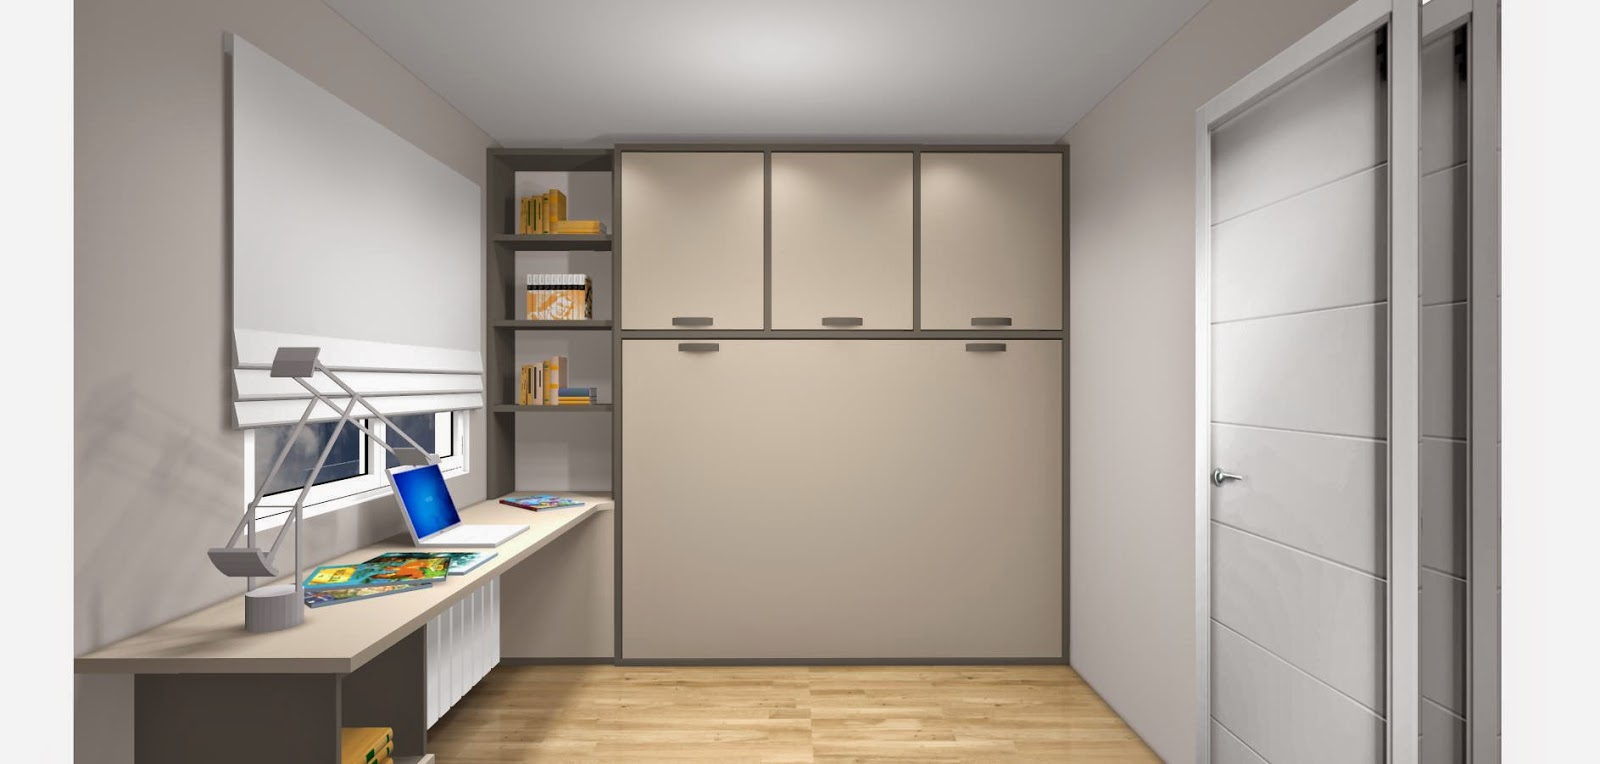 Dise o de cuartos o dormitorios juveniles - Habitaciones camas abatibles ...